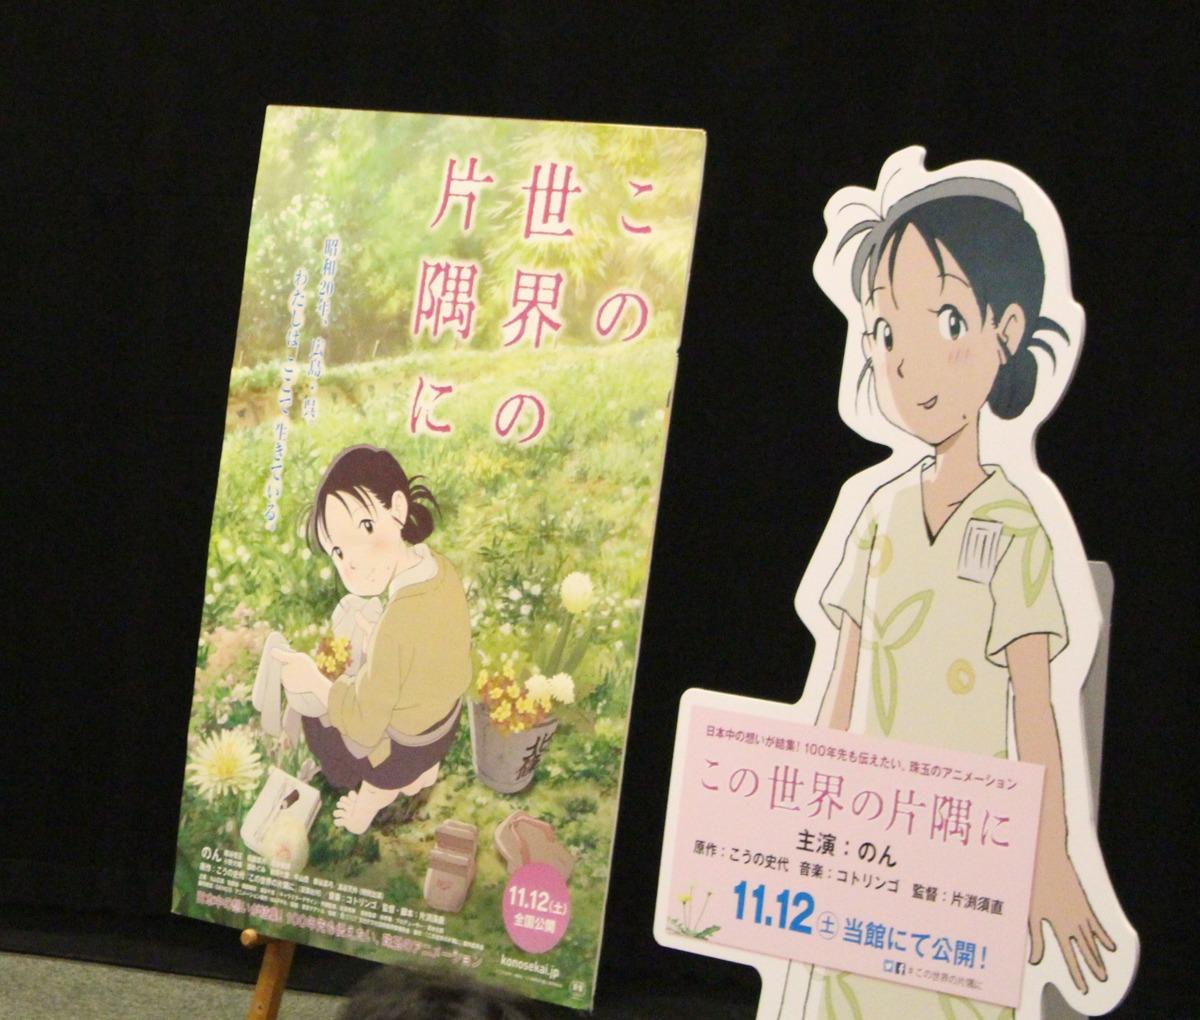 映画「この世界の片隅に」片渕須直監督が舞台挨拶